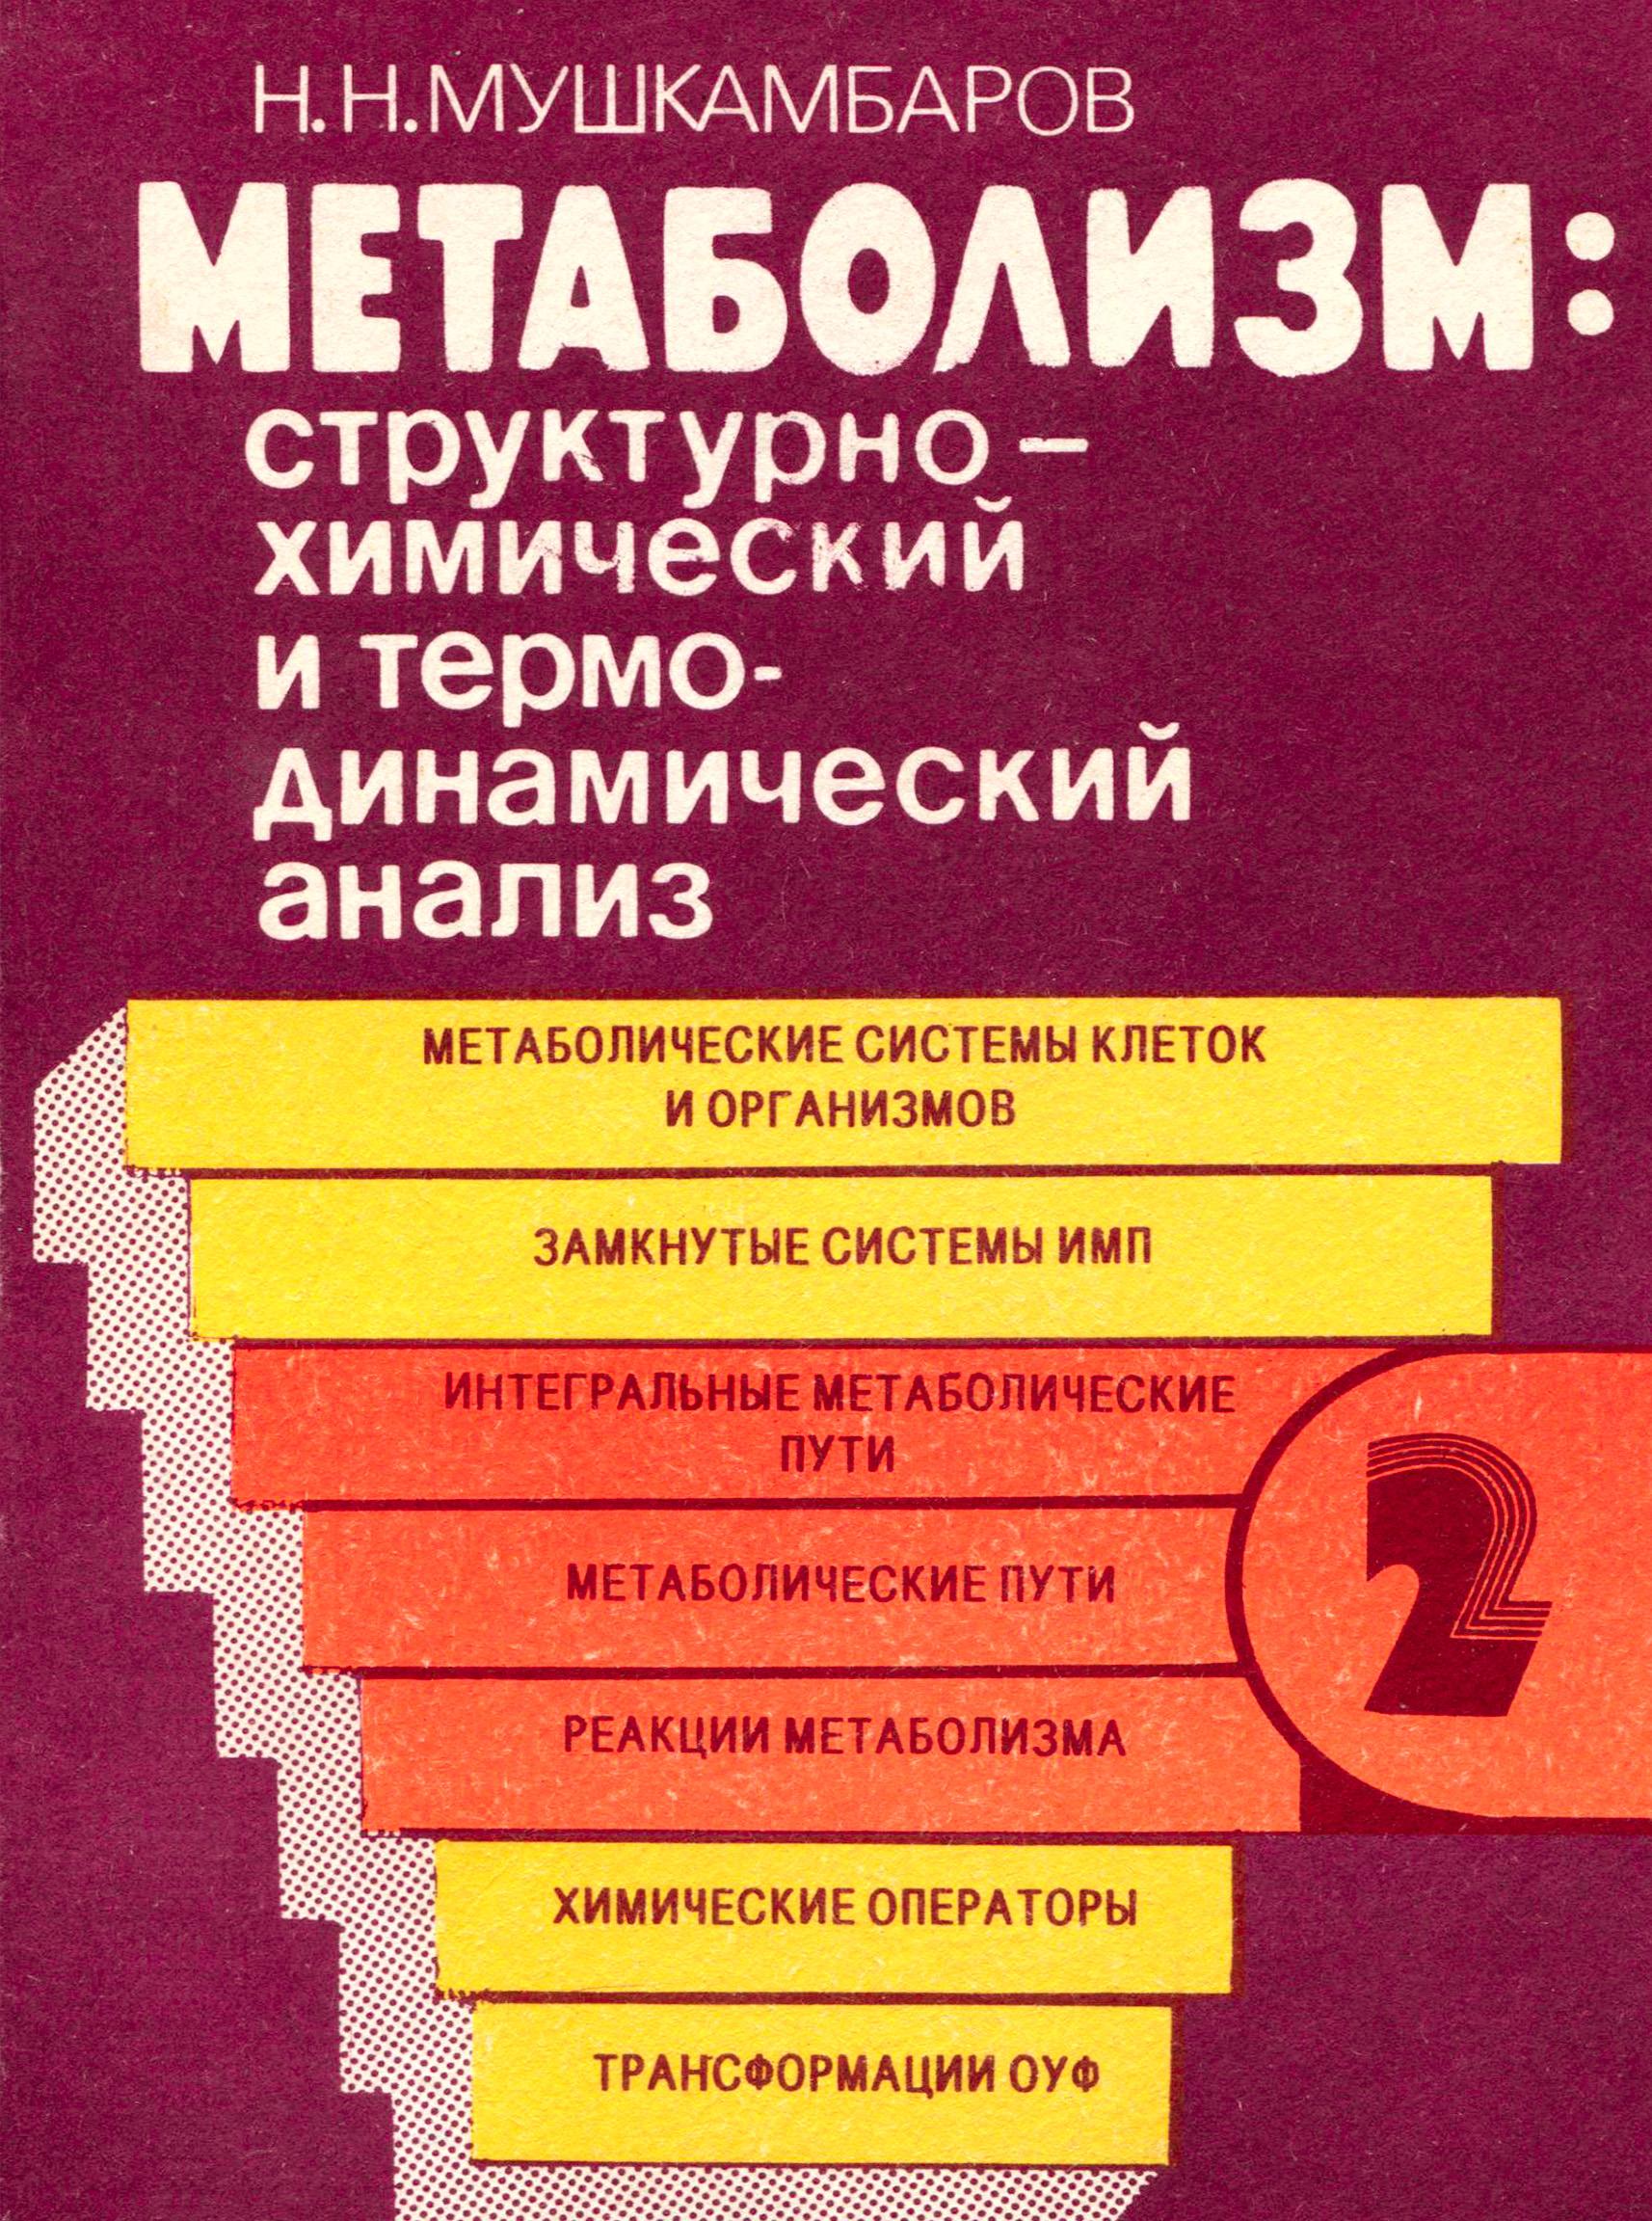 купить Н. Н. Мушкамбаров Метаболизм: структурно-химический и термодинамический анализ. Том 2 дешево